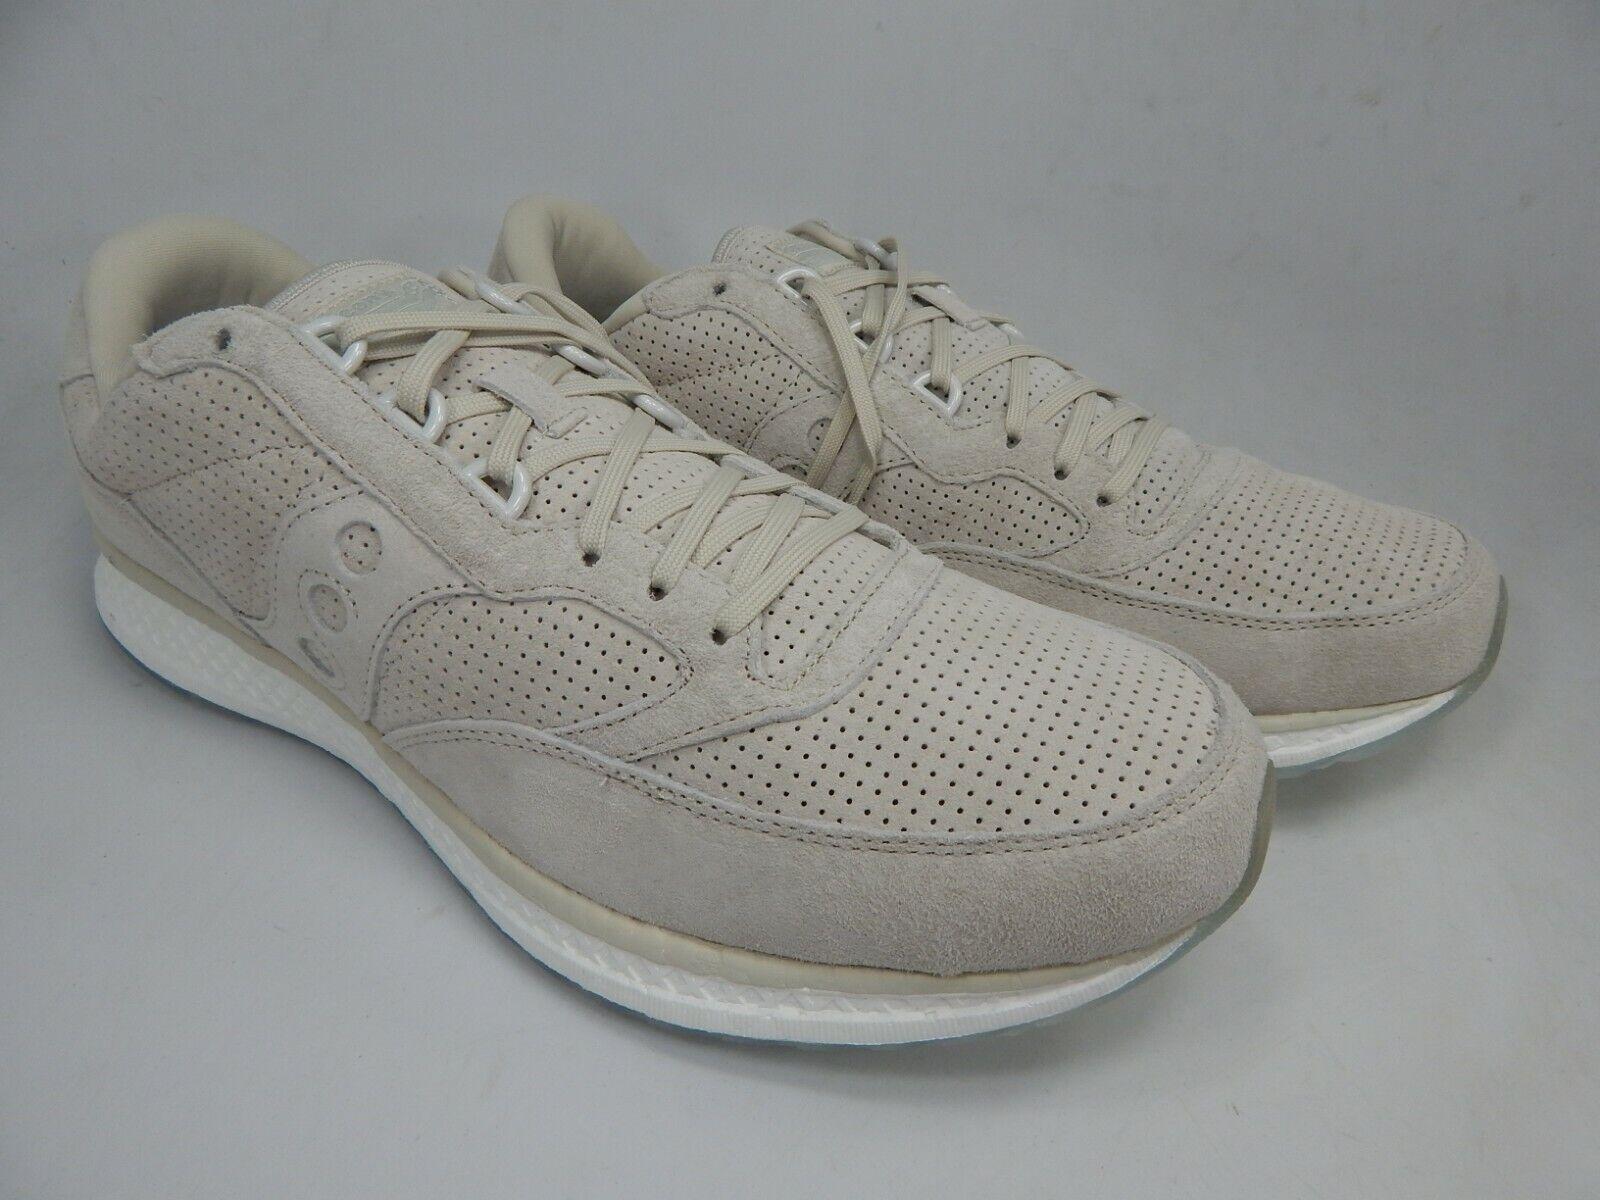 EU 41 Men's Running Shoes Tan S40001-4